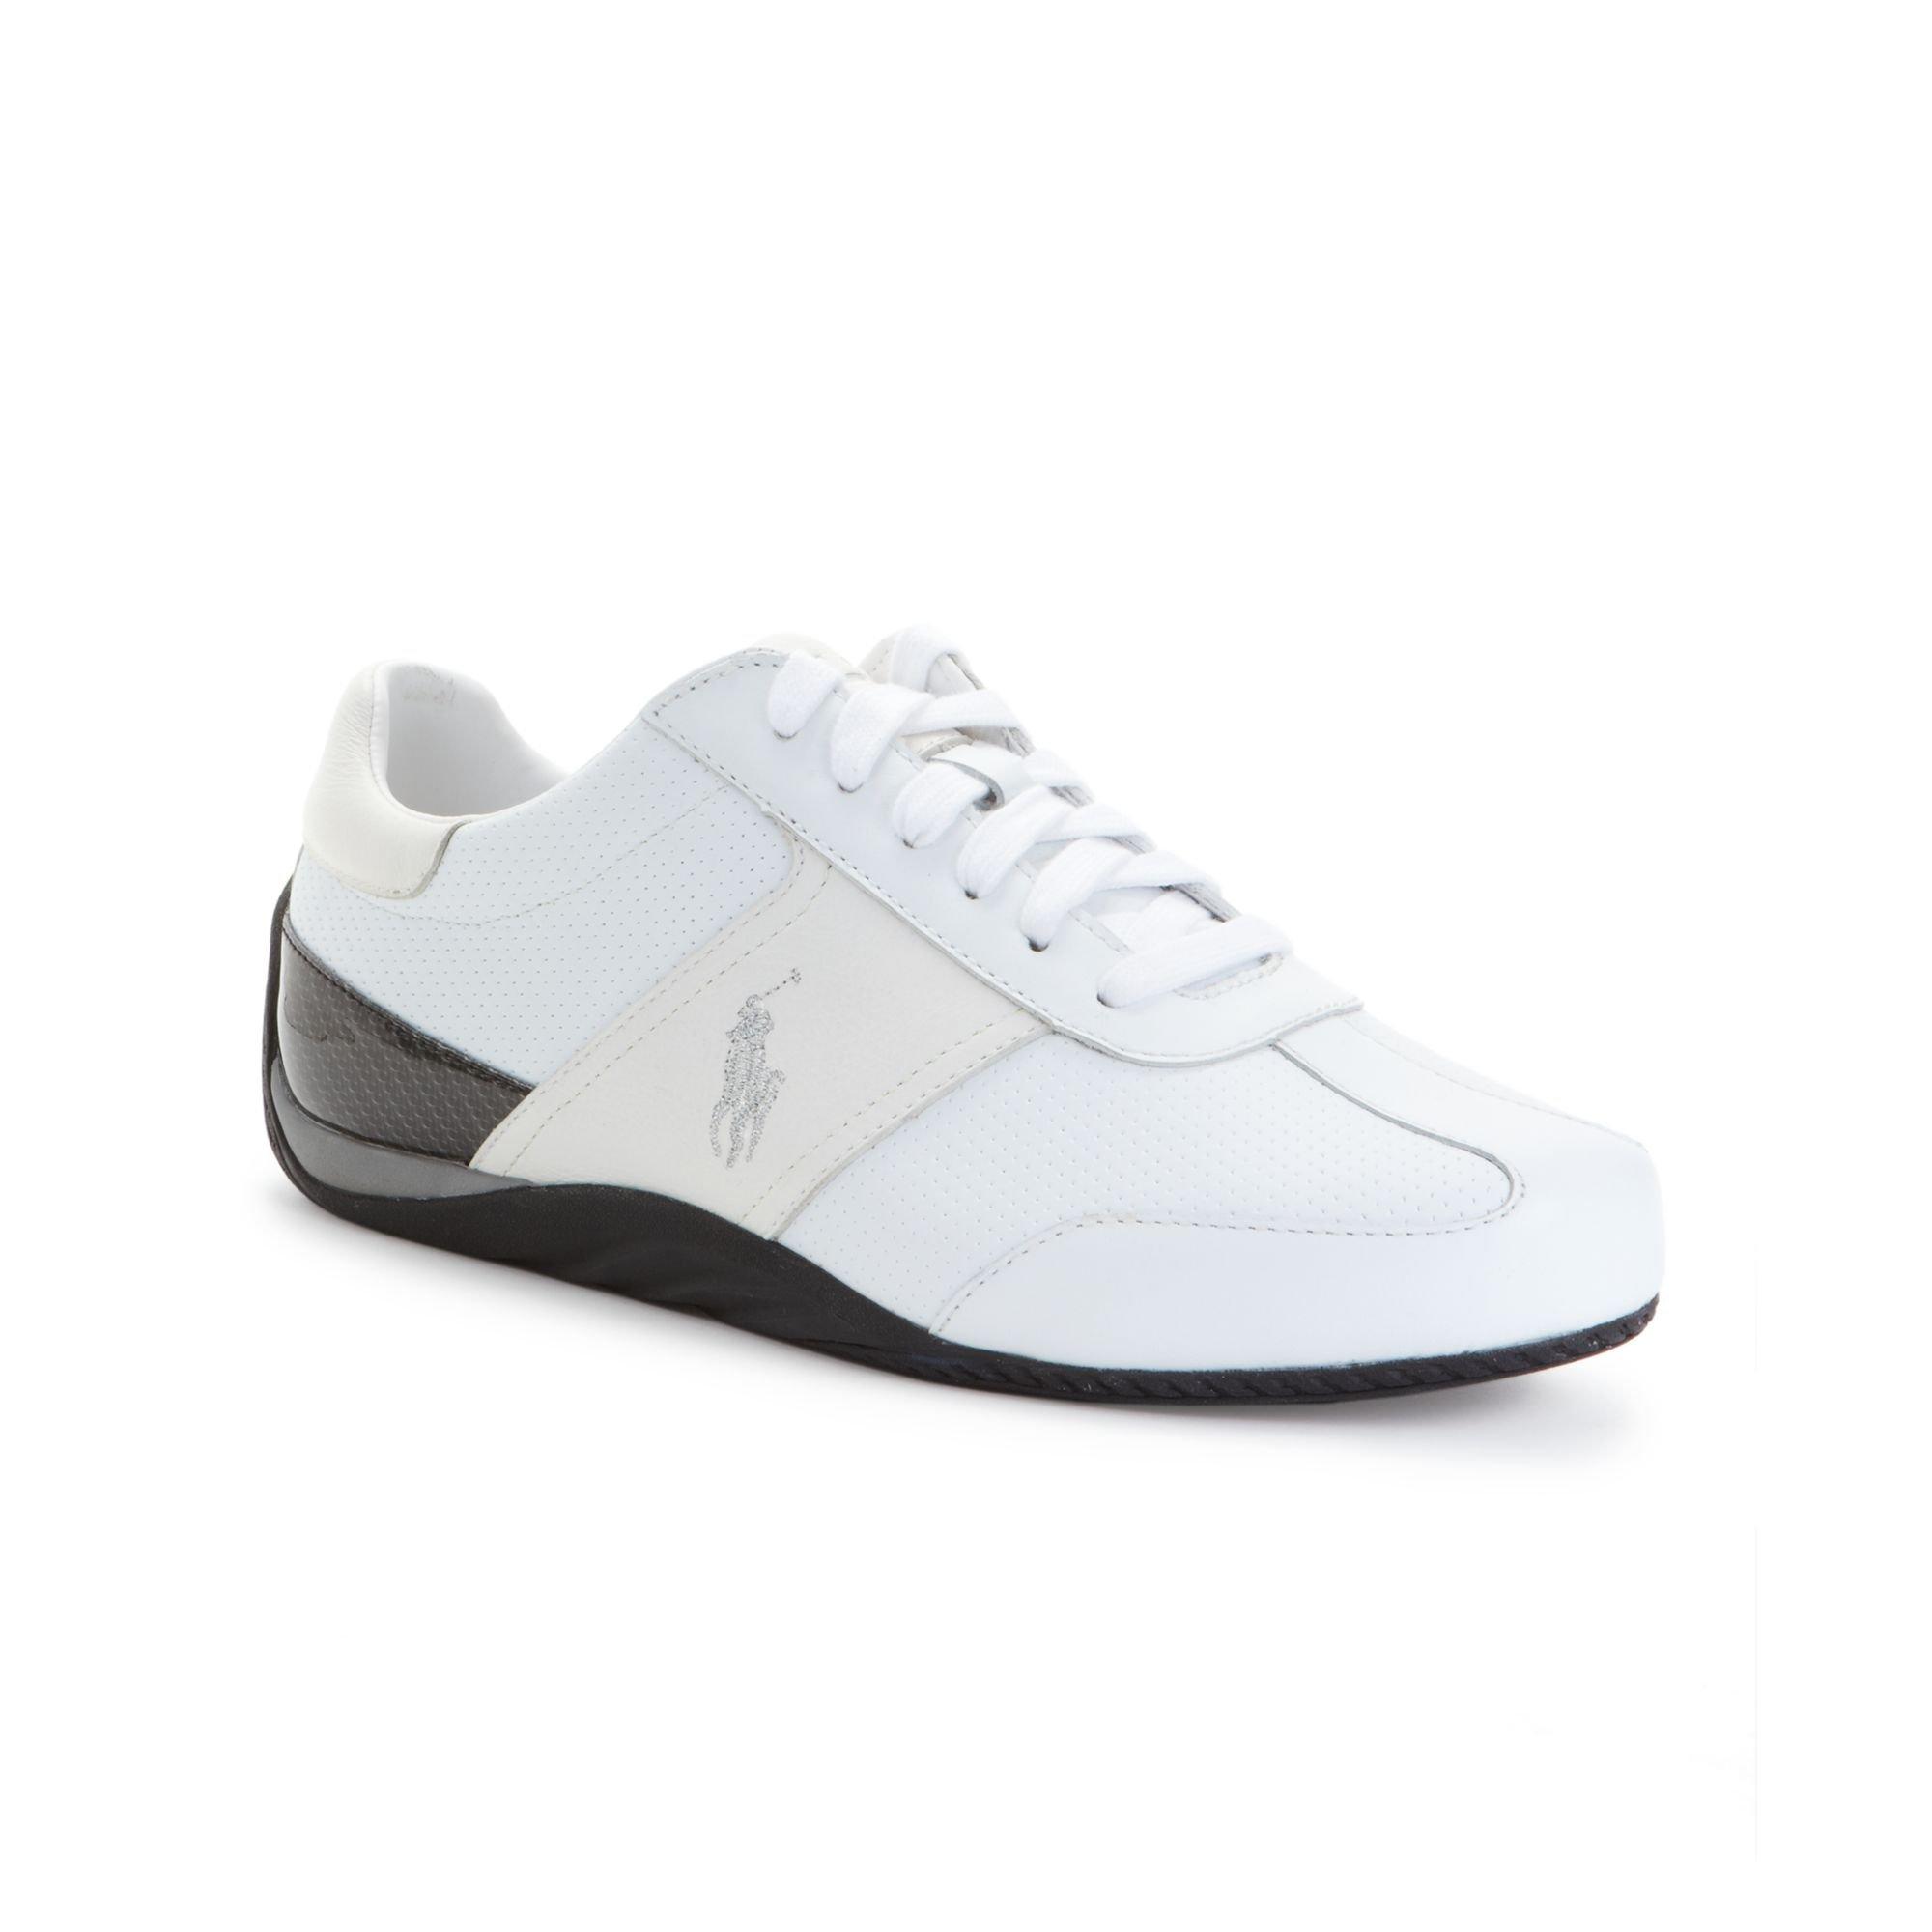 White Ralph Lauren Shoes Sale